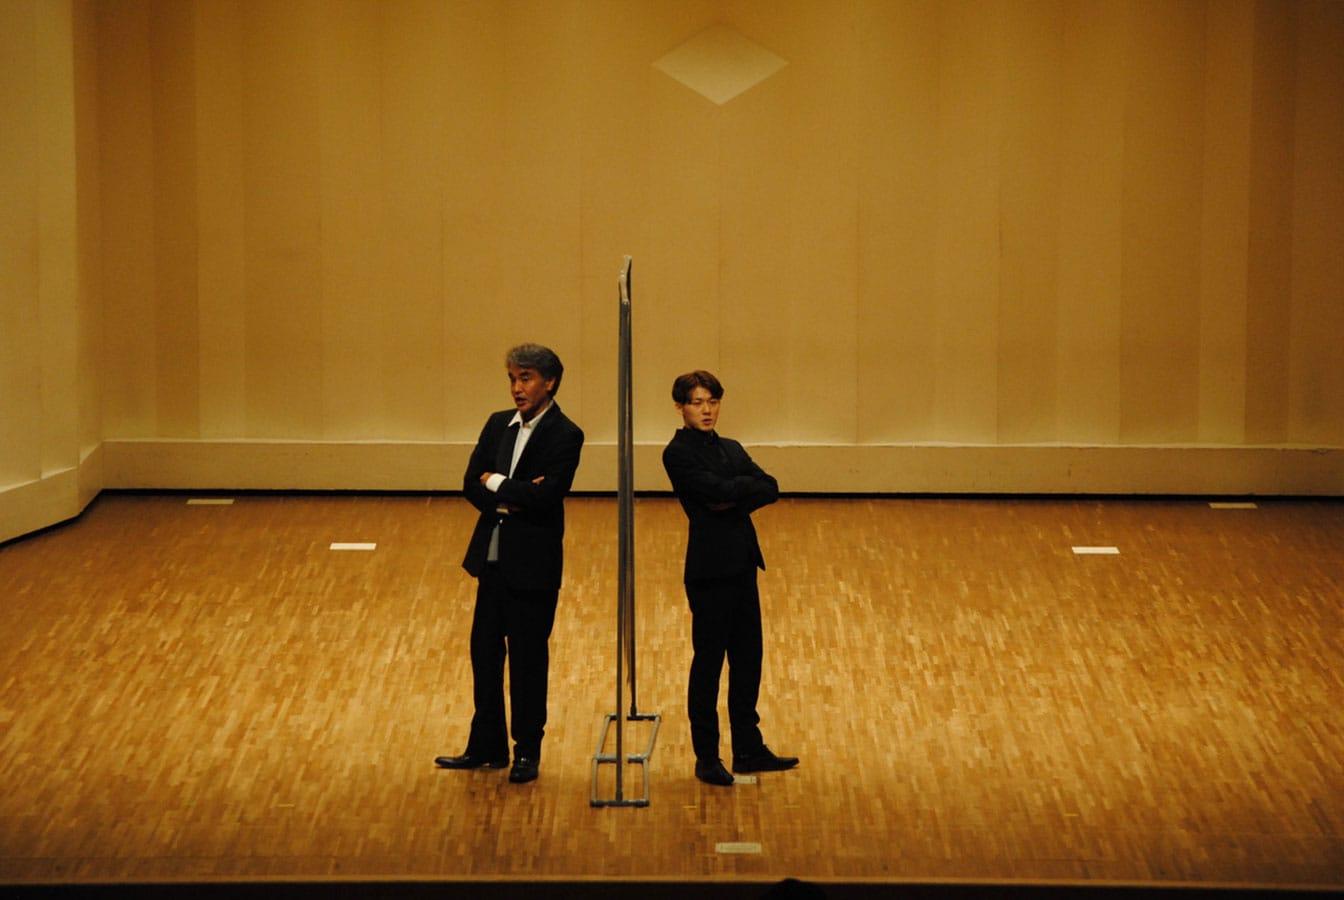 第14回学内演奏会 ―4年次オペラアンサンブル―演奏風景4